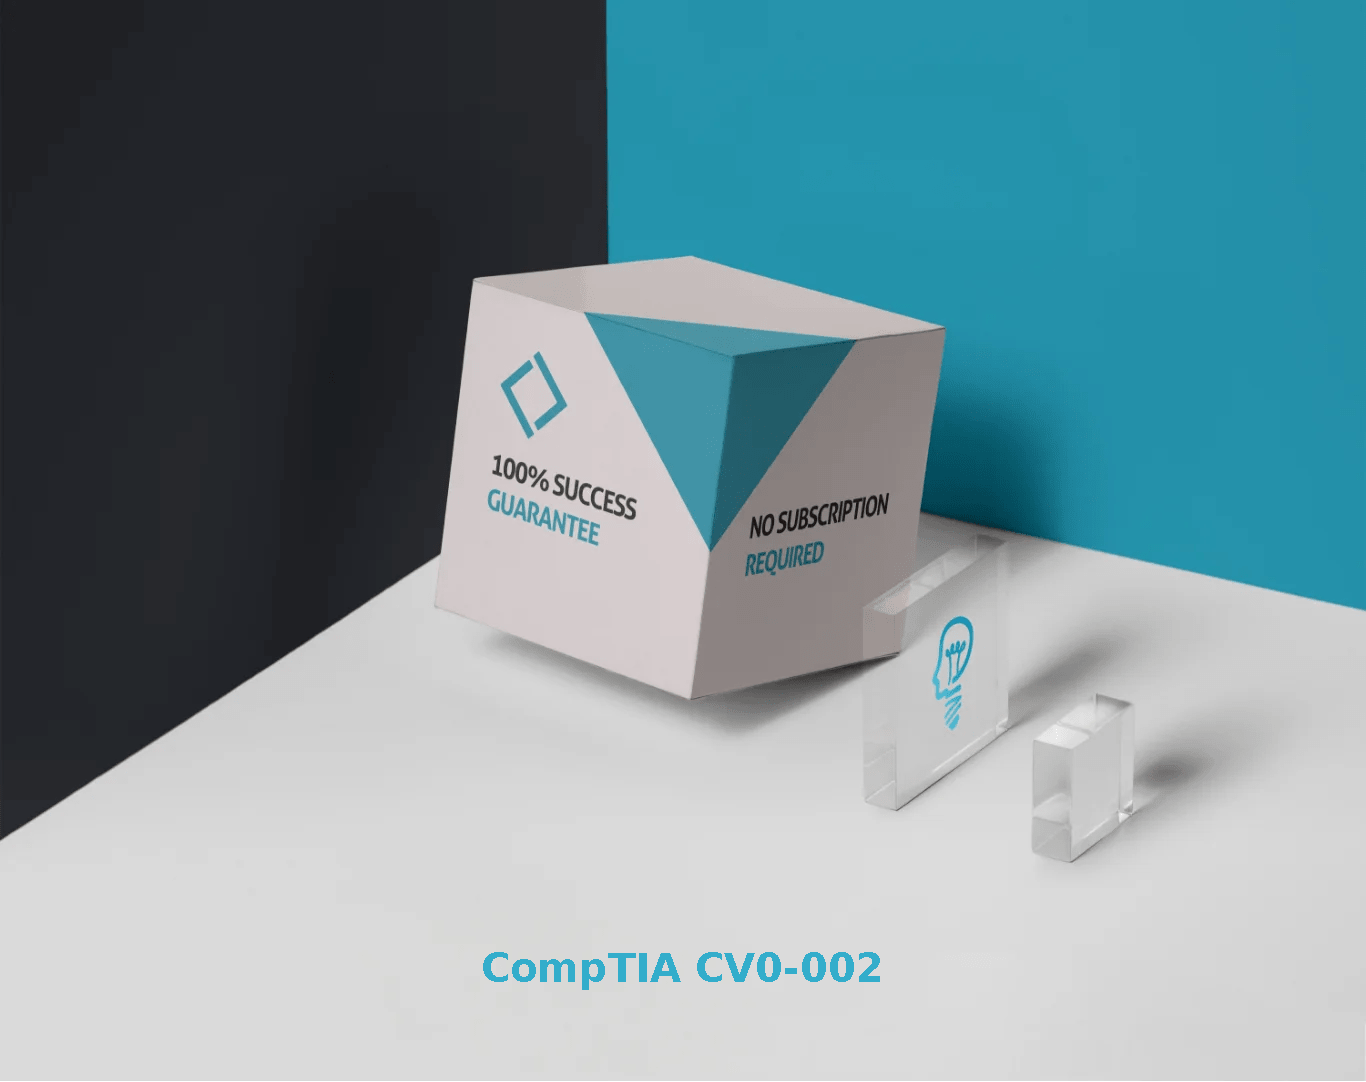 CompTIA CV0-002 Exams